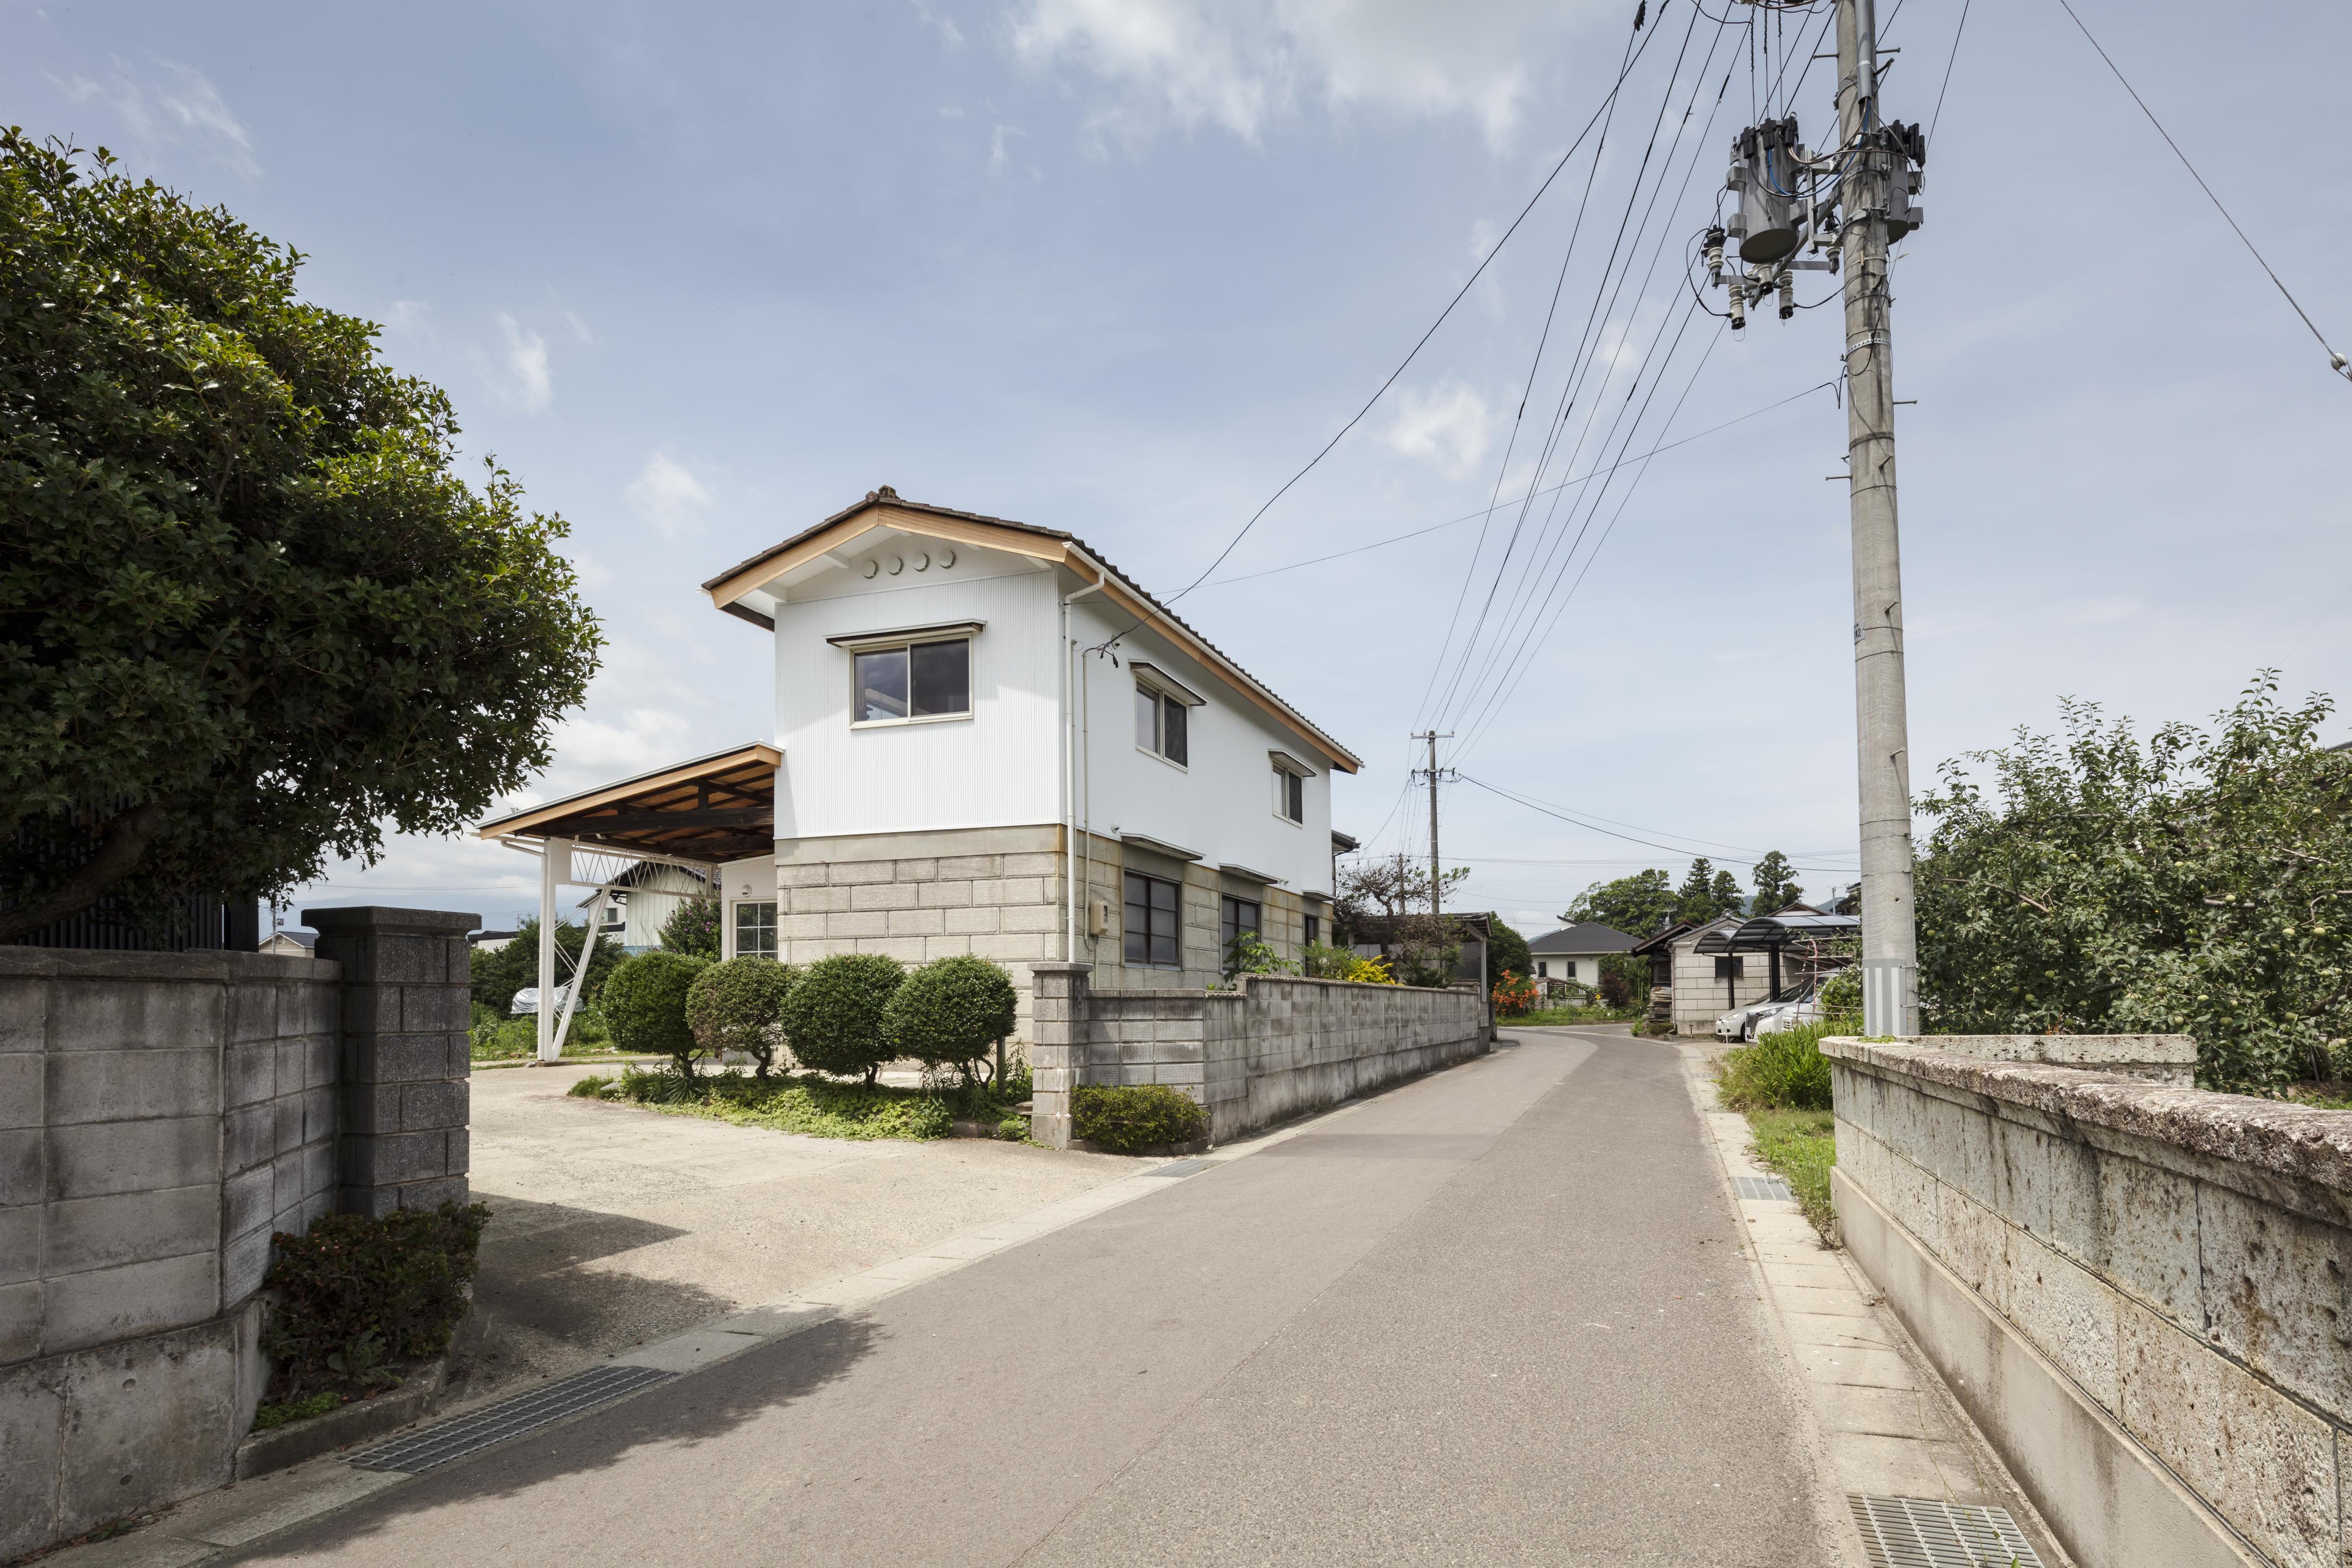 福島県福島市の建築etobunの外観